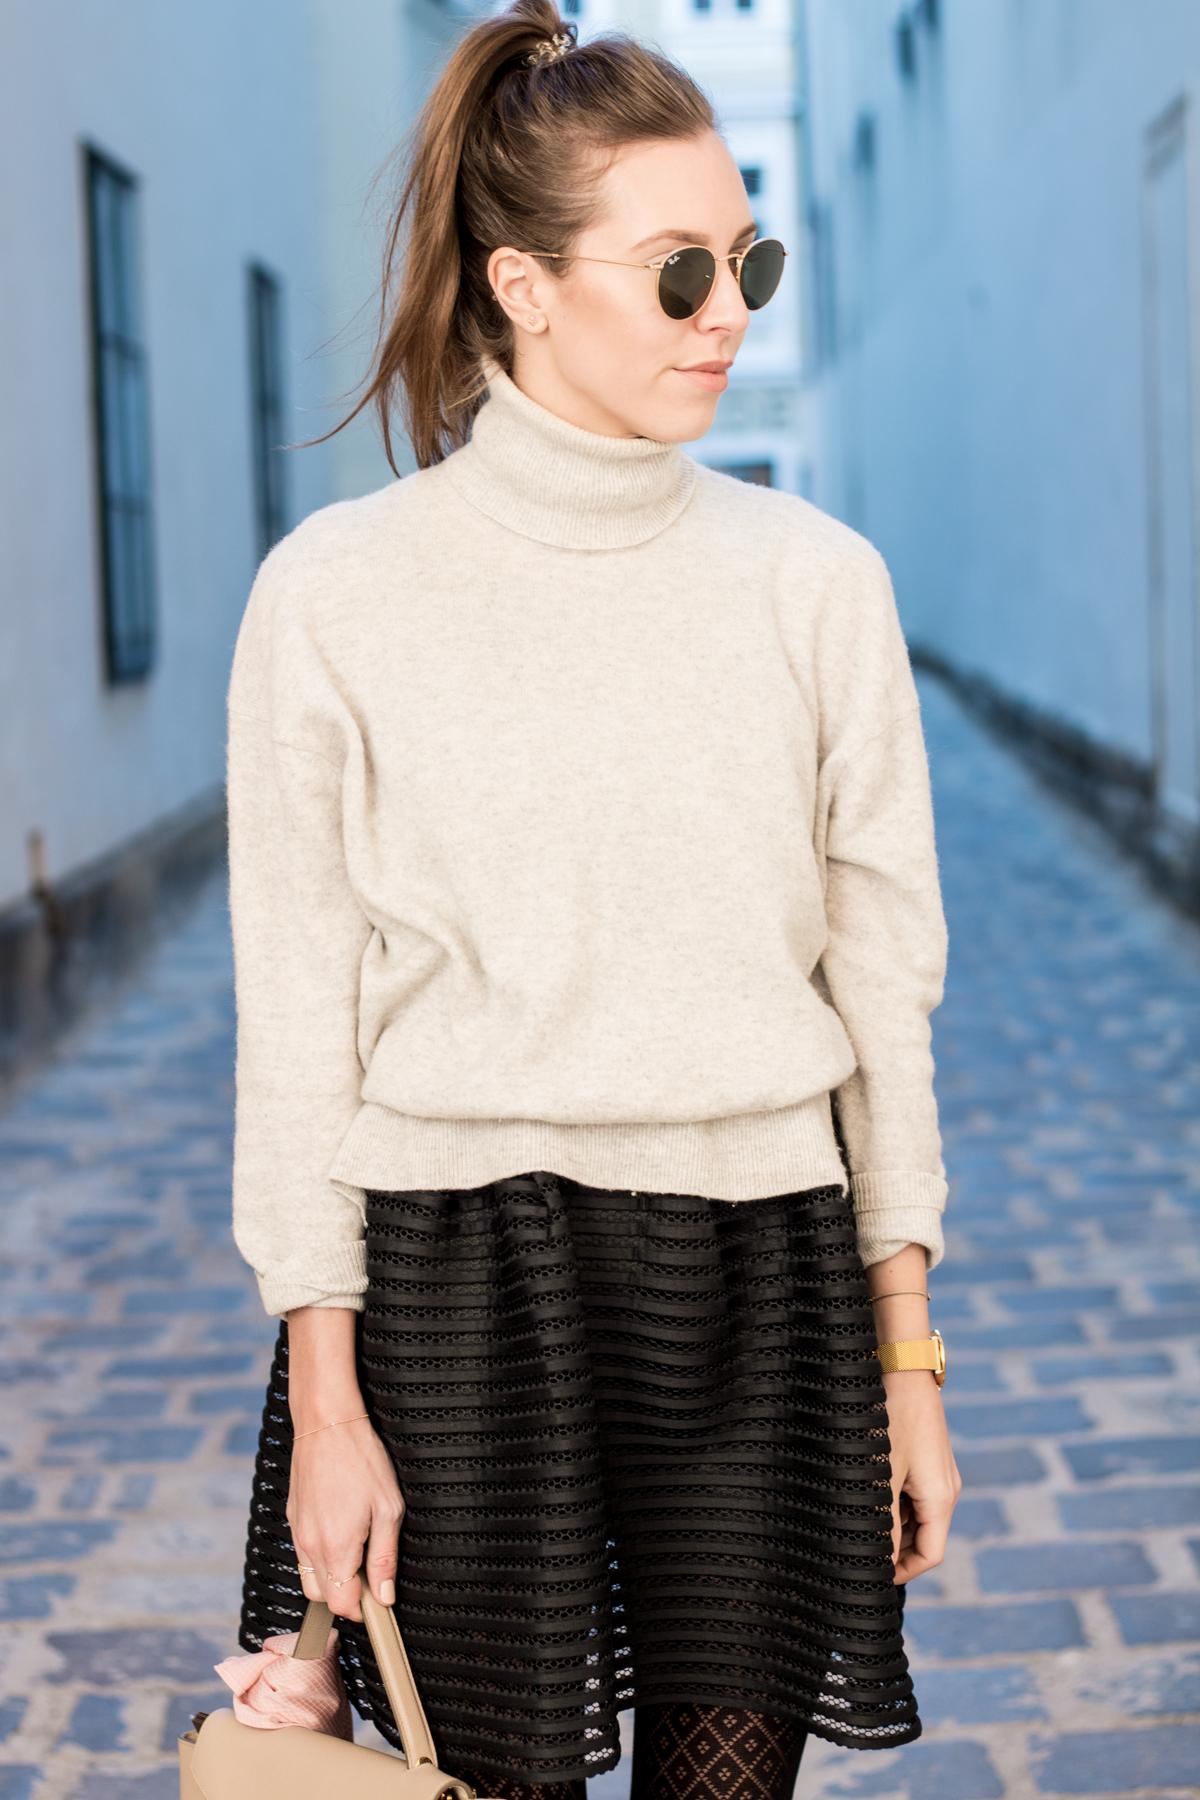 skirt-day-8